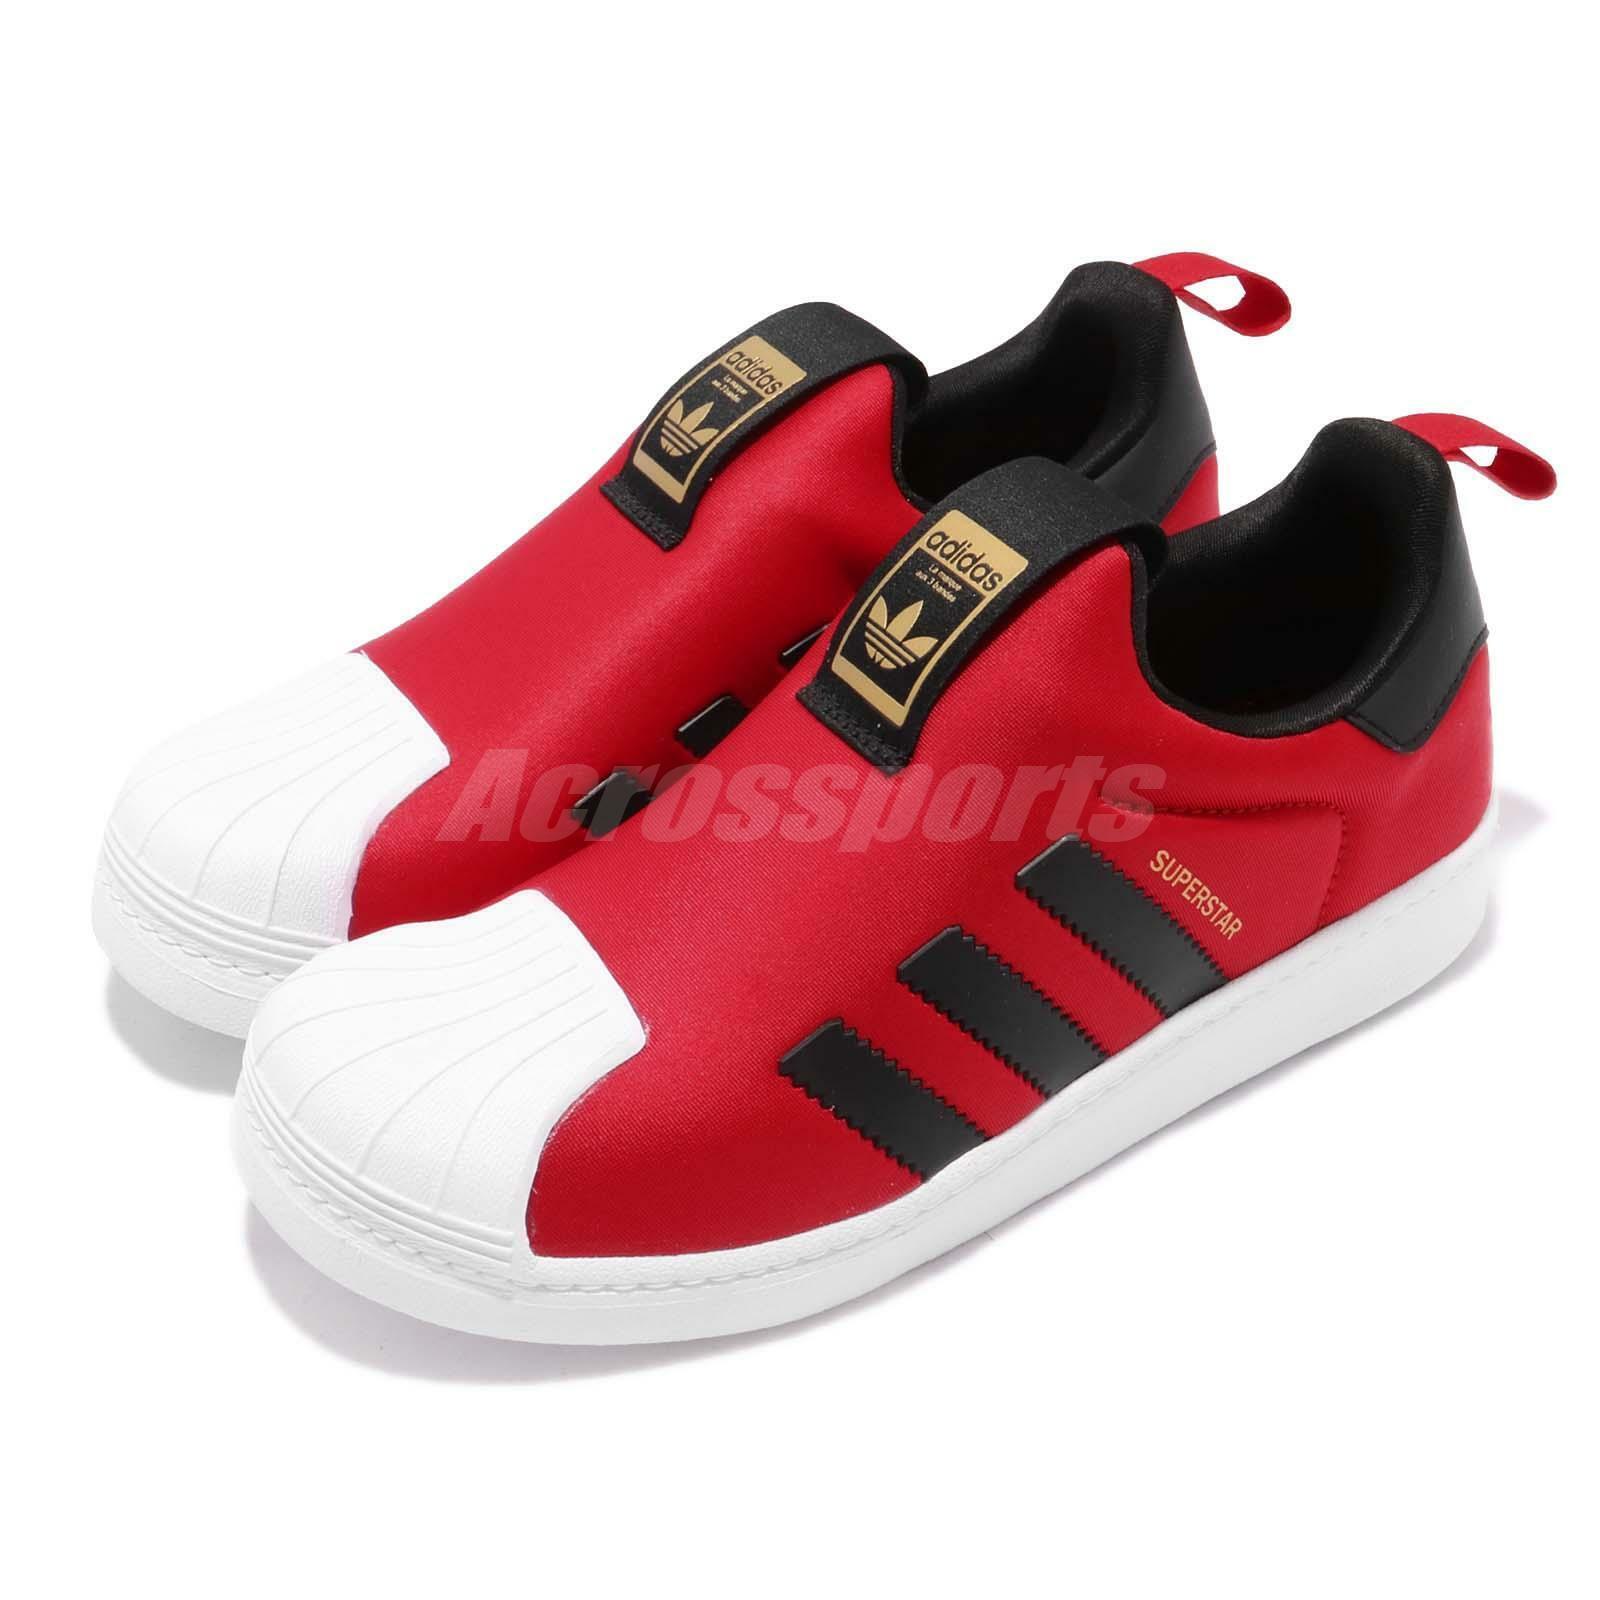 Adidas Superstar  360 C Anno del Pig rosso nero CNY Kids Scarpe Casual CG6573  conveniente